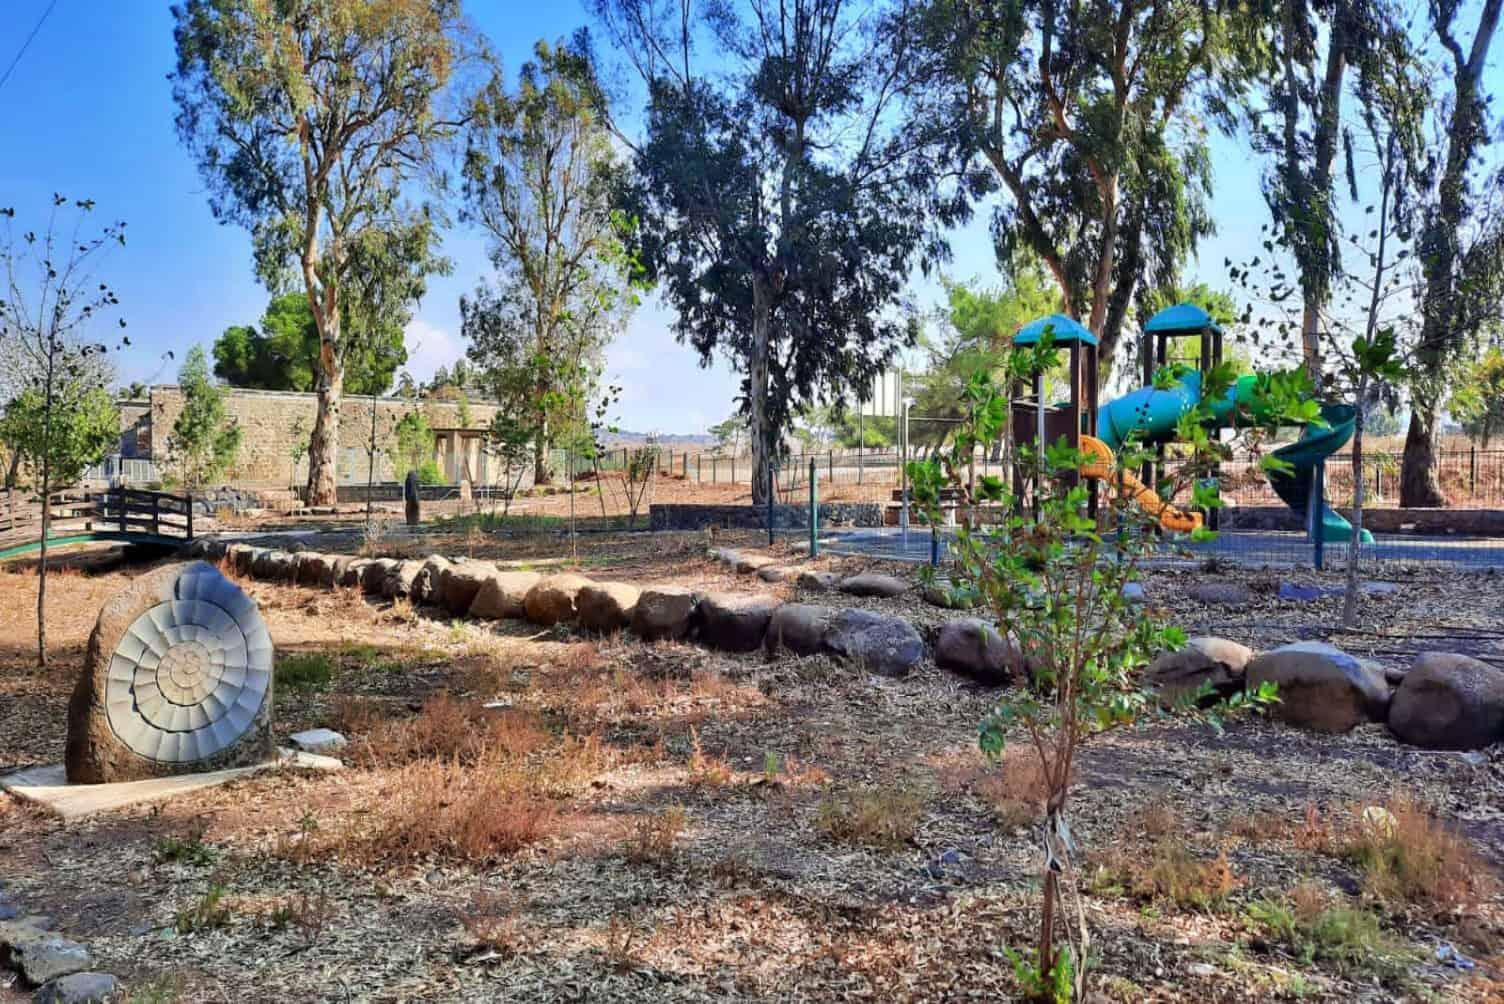 פארק עורבים וארמון האמיר, צילום אבישג מירוני (1)